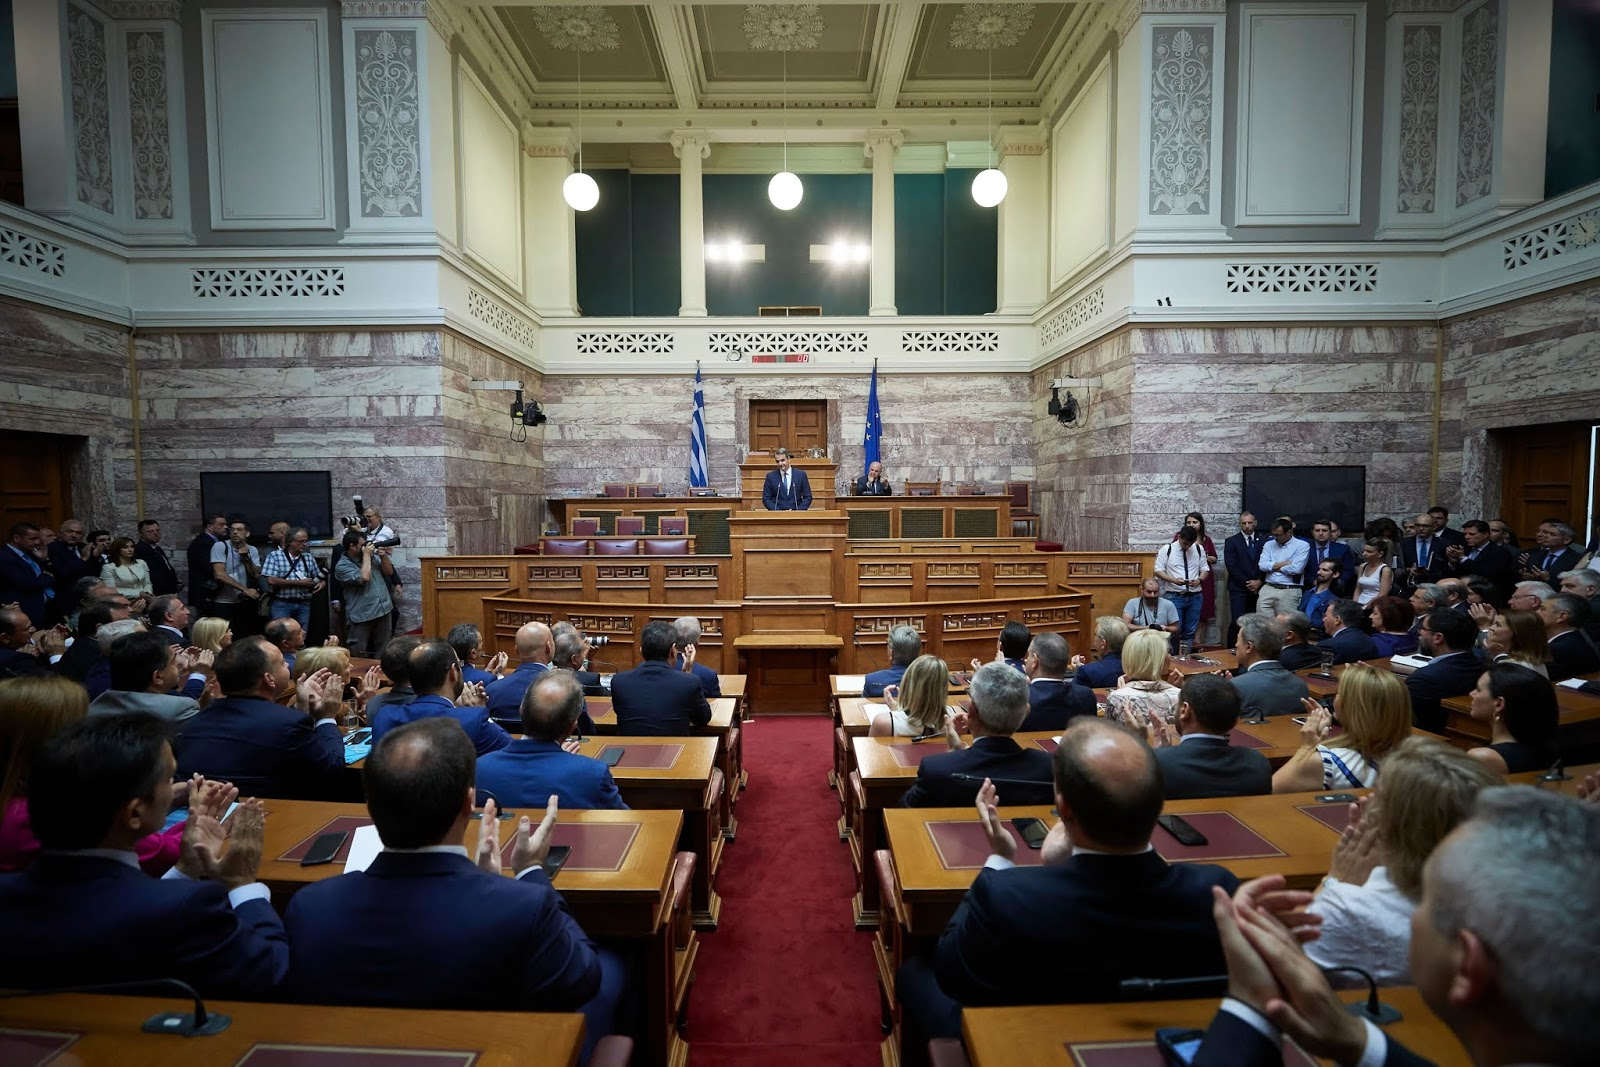 Συνεδρίασε η Κ.Ο. της Ν.Δ. στη Βουλή (ΦΩΤΟ)